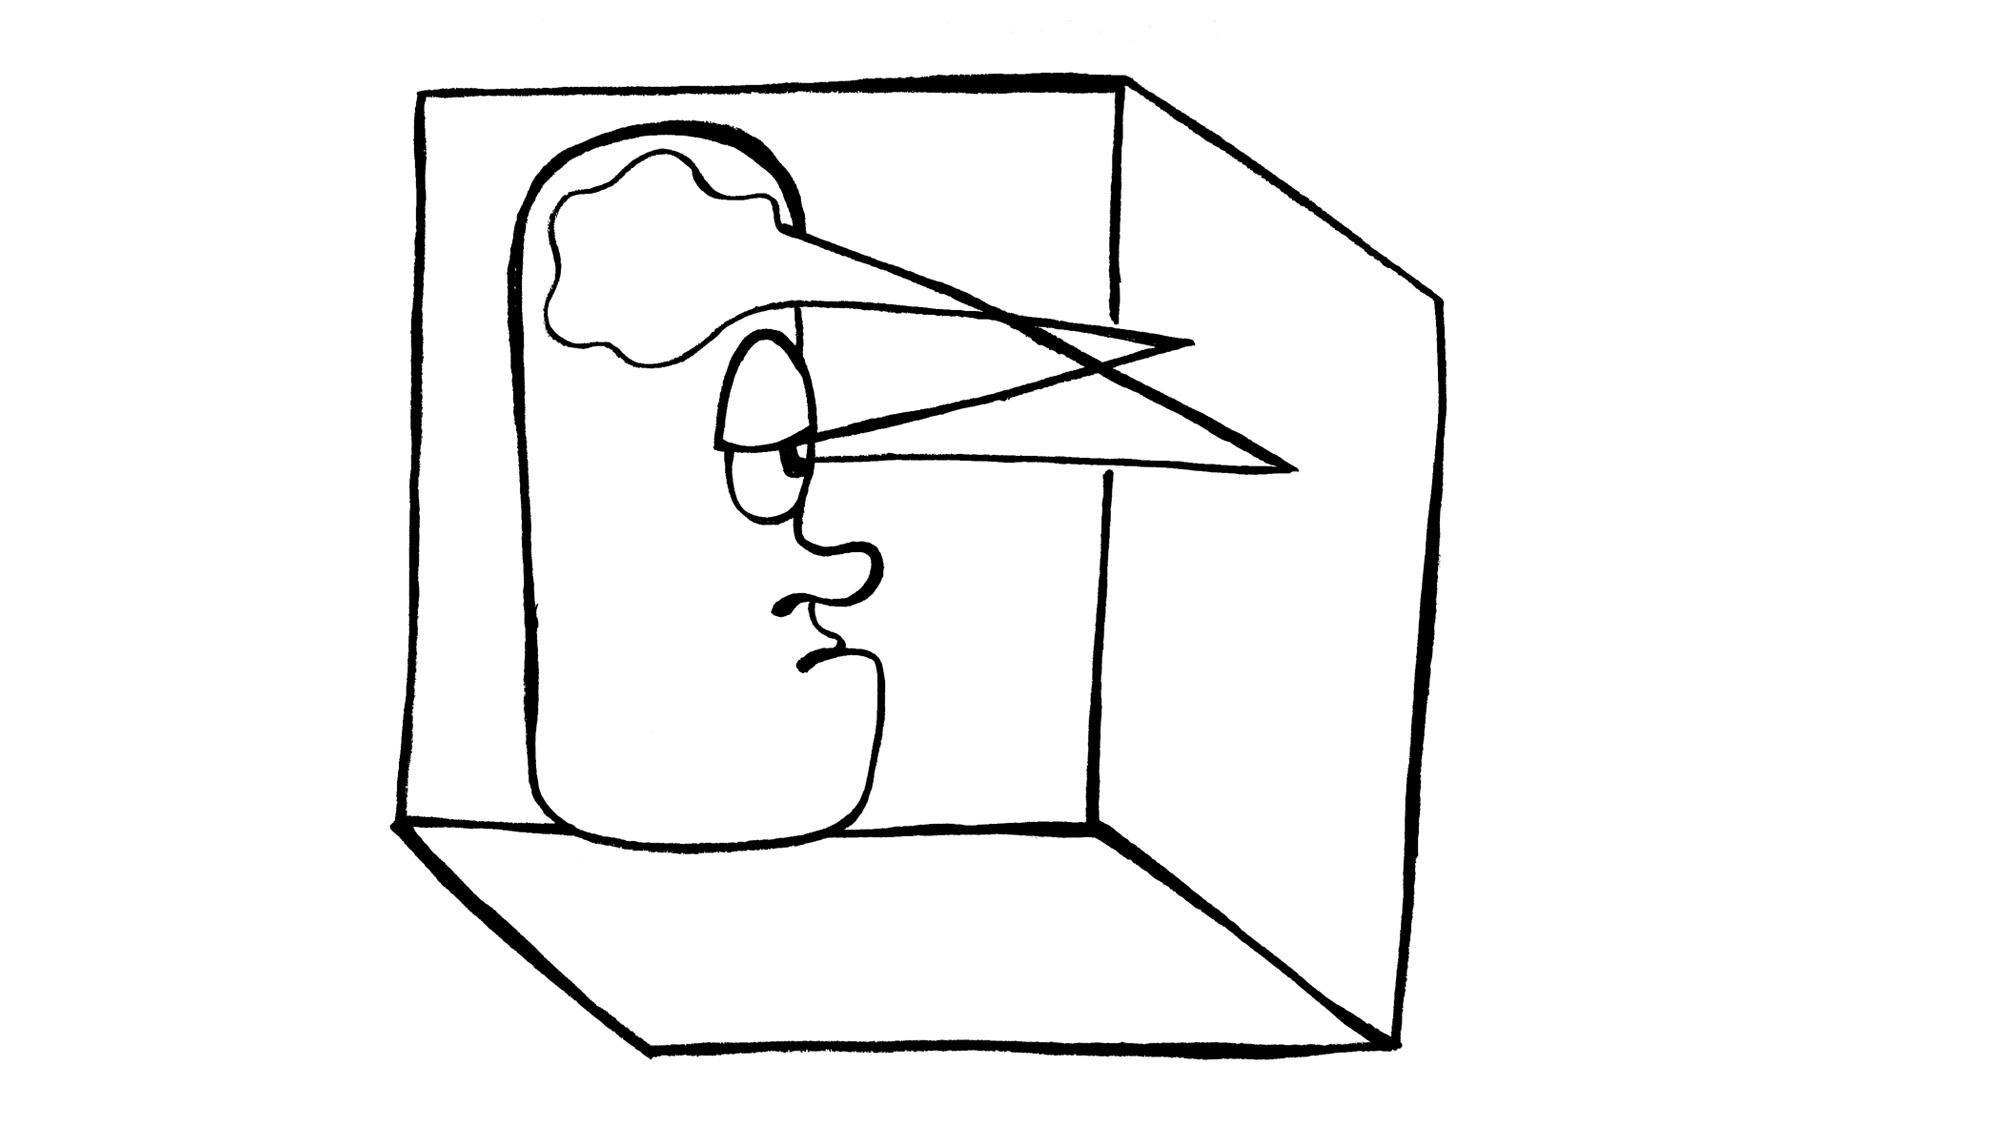 Harald Martenstein: Über die Kunst, mit dunklen Momenten zu leben